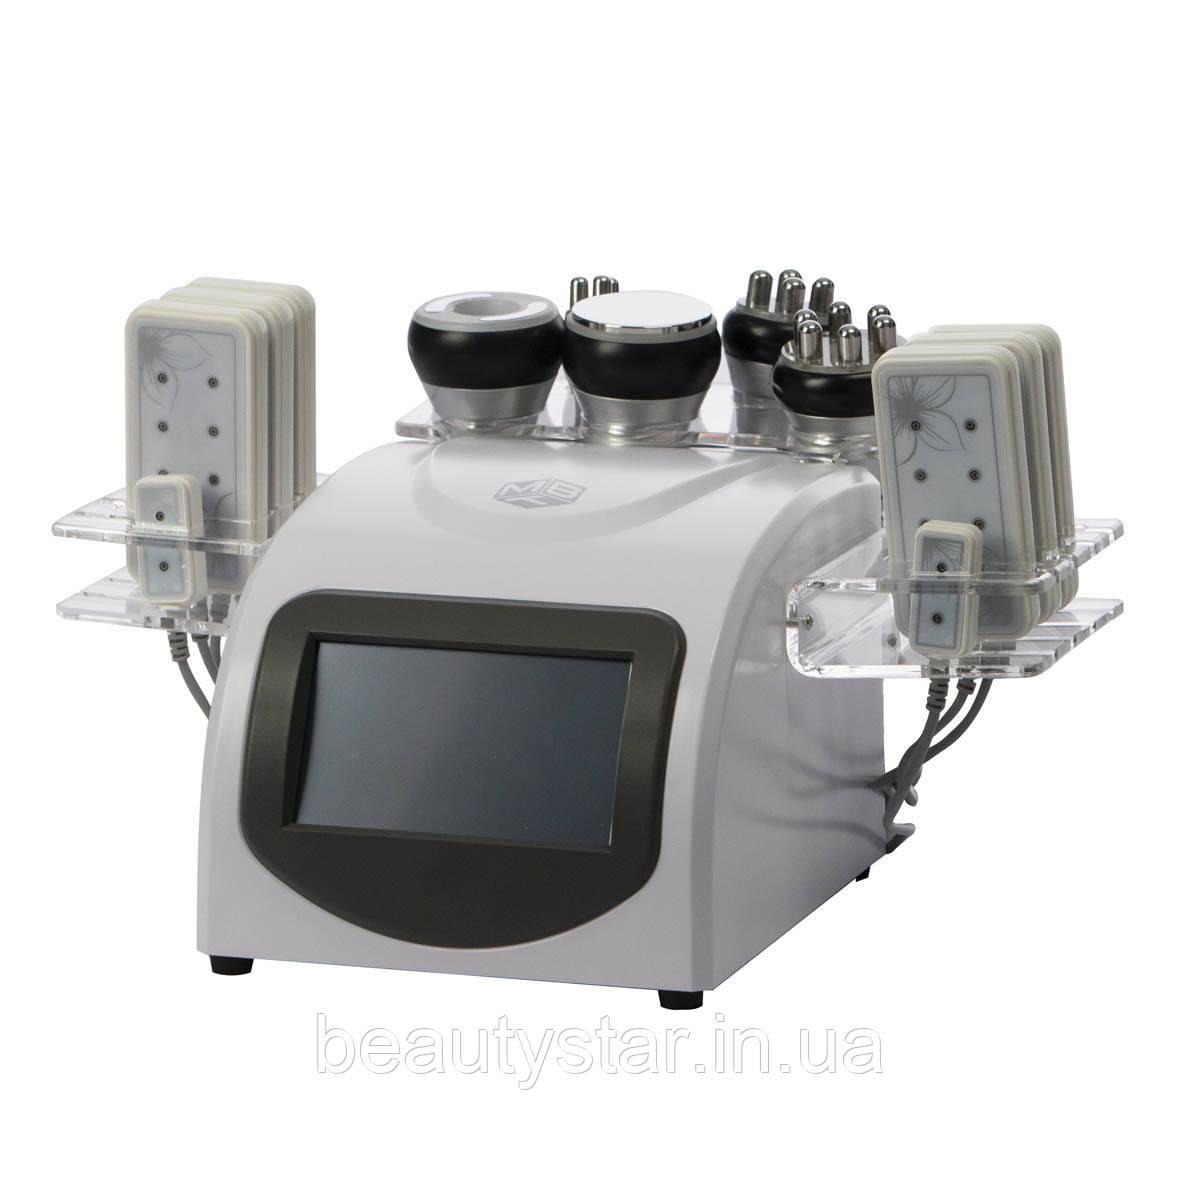 Аппарат для похудения и подтяжки(лифтинга) МВТ-350Х:RF+липолазер